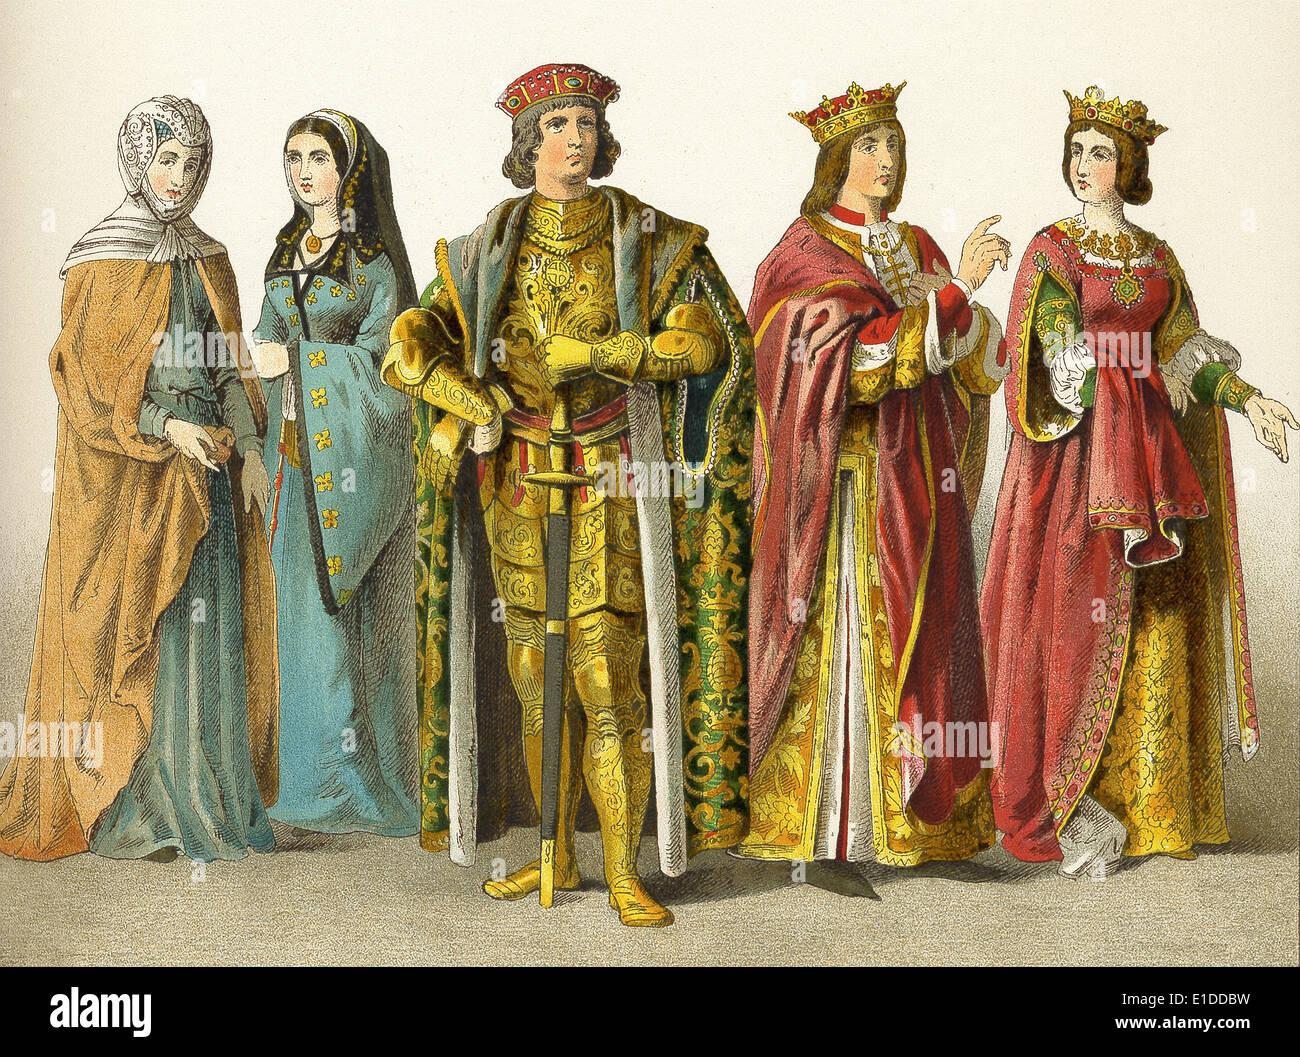 Nobiltà spagnola e royalty nel 1400s: due signore di rango, conteggio, il Re Ferdinando e la Regina Isabelle. Immagini Stock